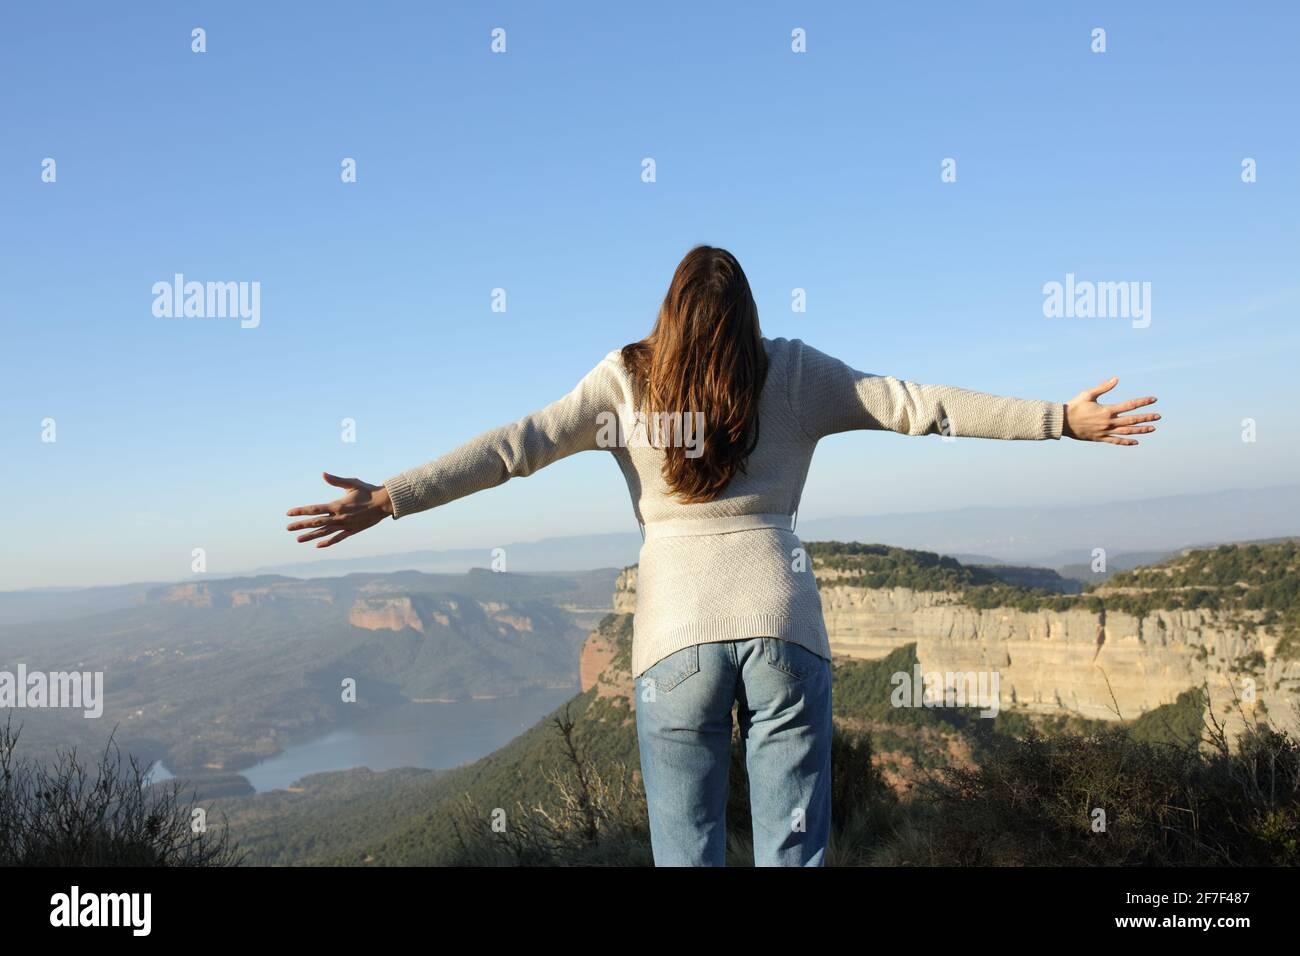 Vue arrière d'une femme célébrant la propagation de vacances avec ouvert bras dans la montagne Banque D'Images